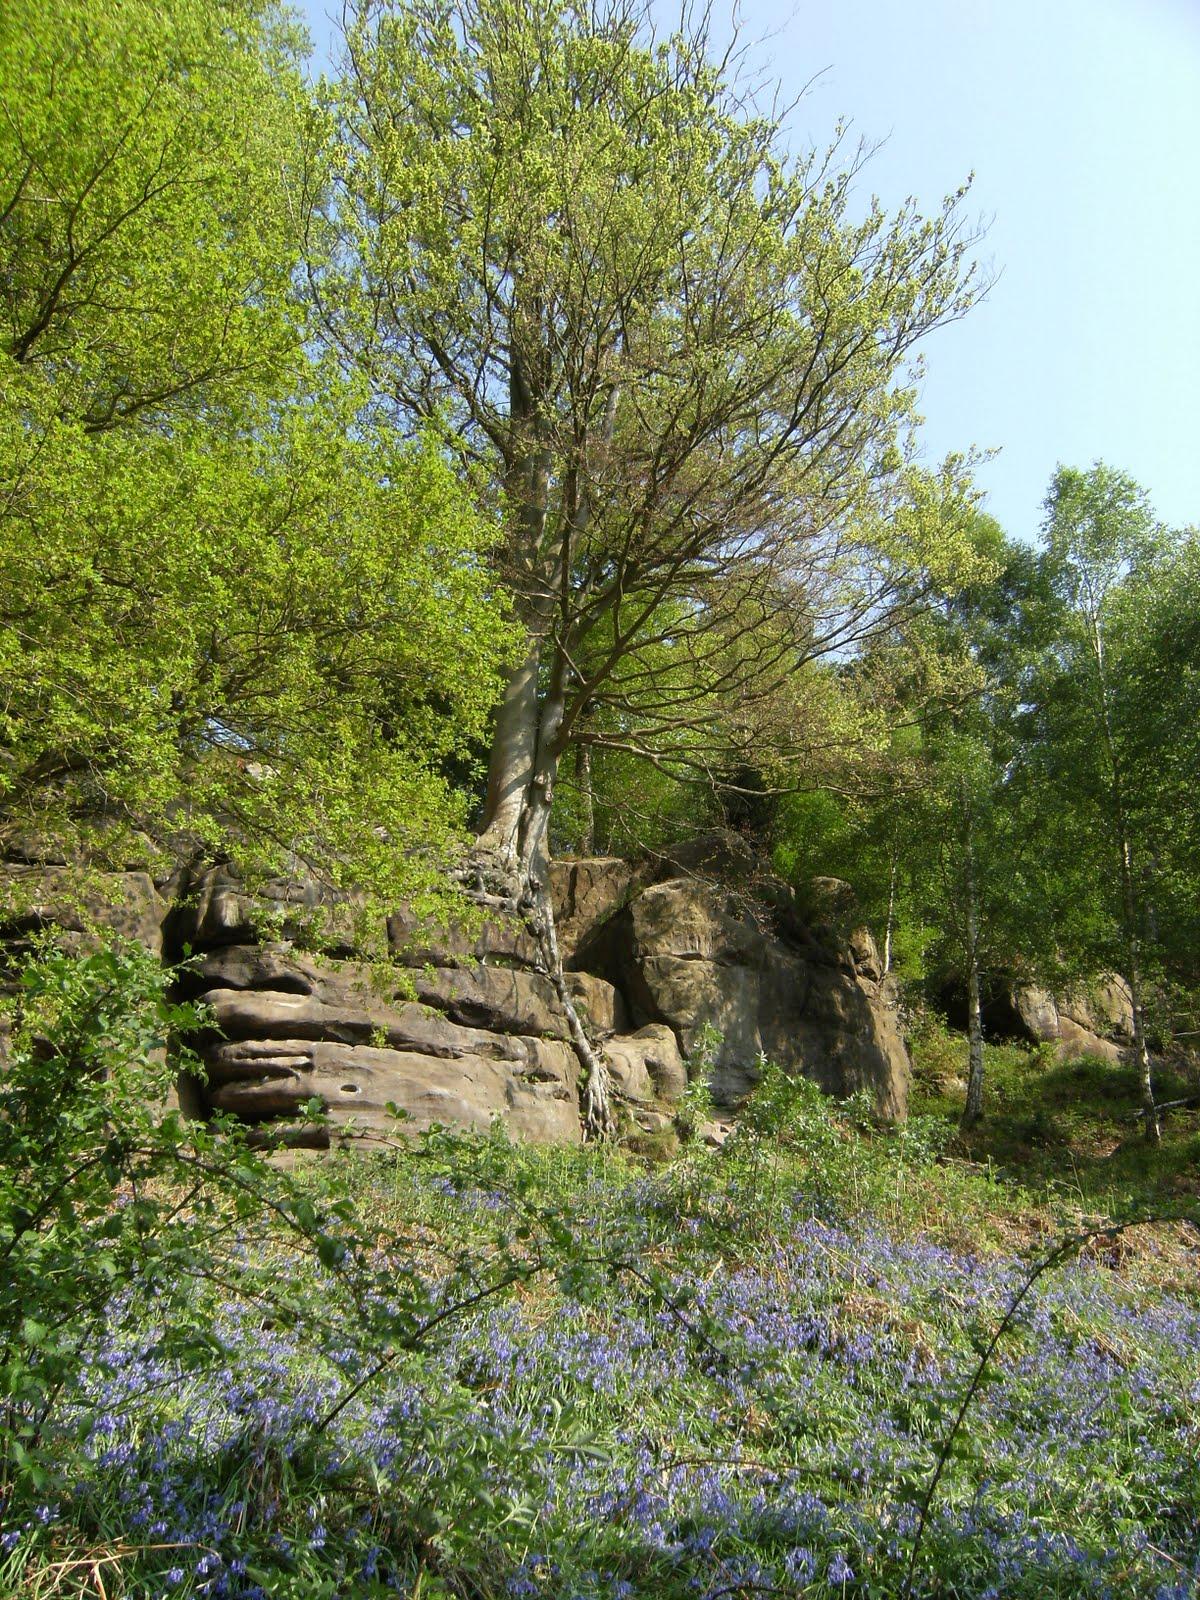 DSCF7489 Bluebells at Harrison's Rocks